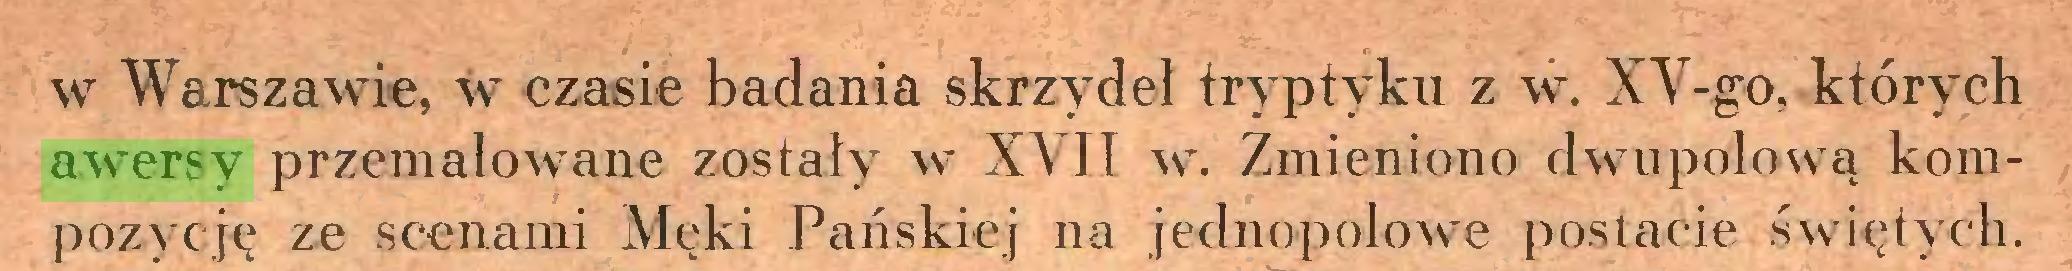 (...) w Warszawie, w czasie badania skrzydeł tryptyku z w. XV-go, których awersy przemalowane zostały w XVII w. Zmieniono dwupolową kompozycję ze scenami Męki Pańskiej na jednopplowe postacie świętych...